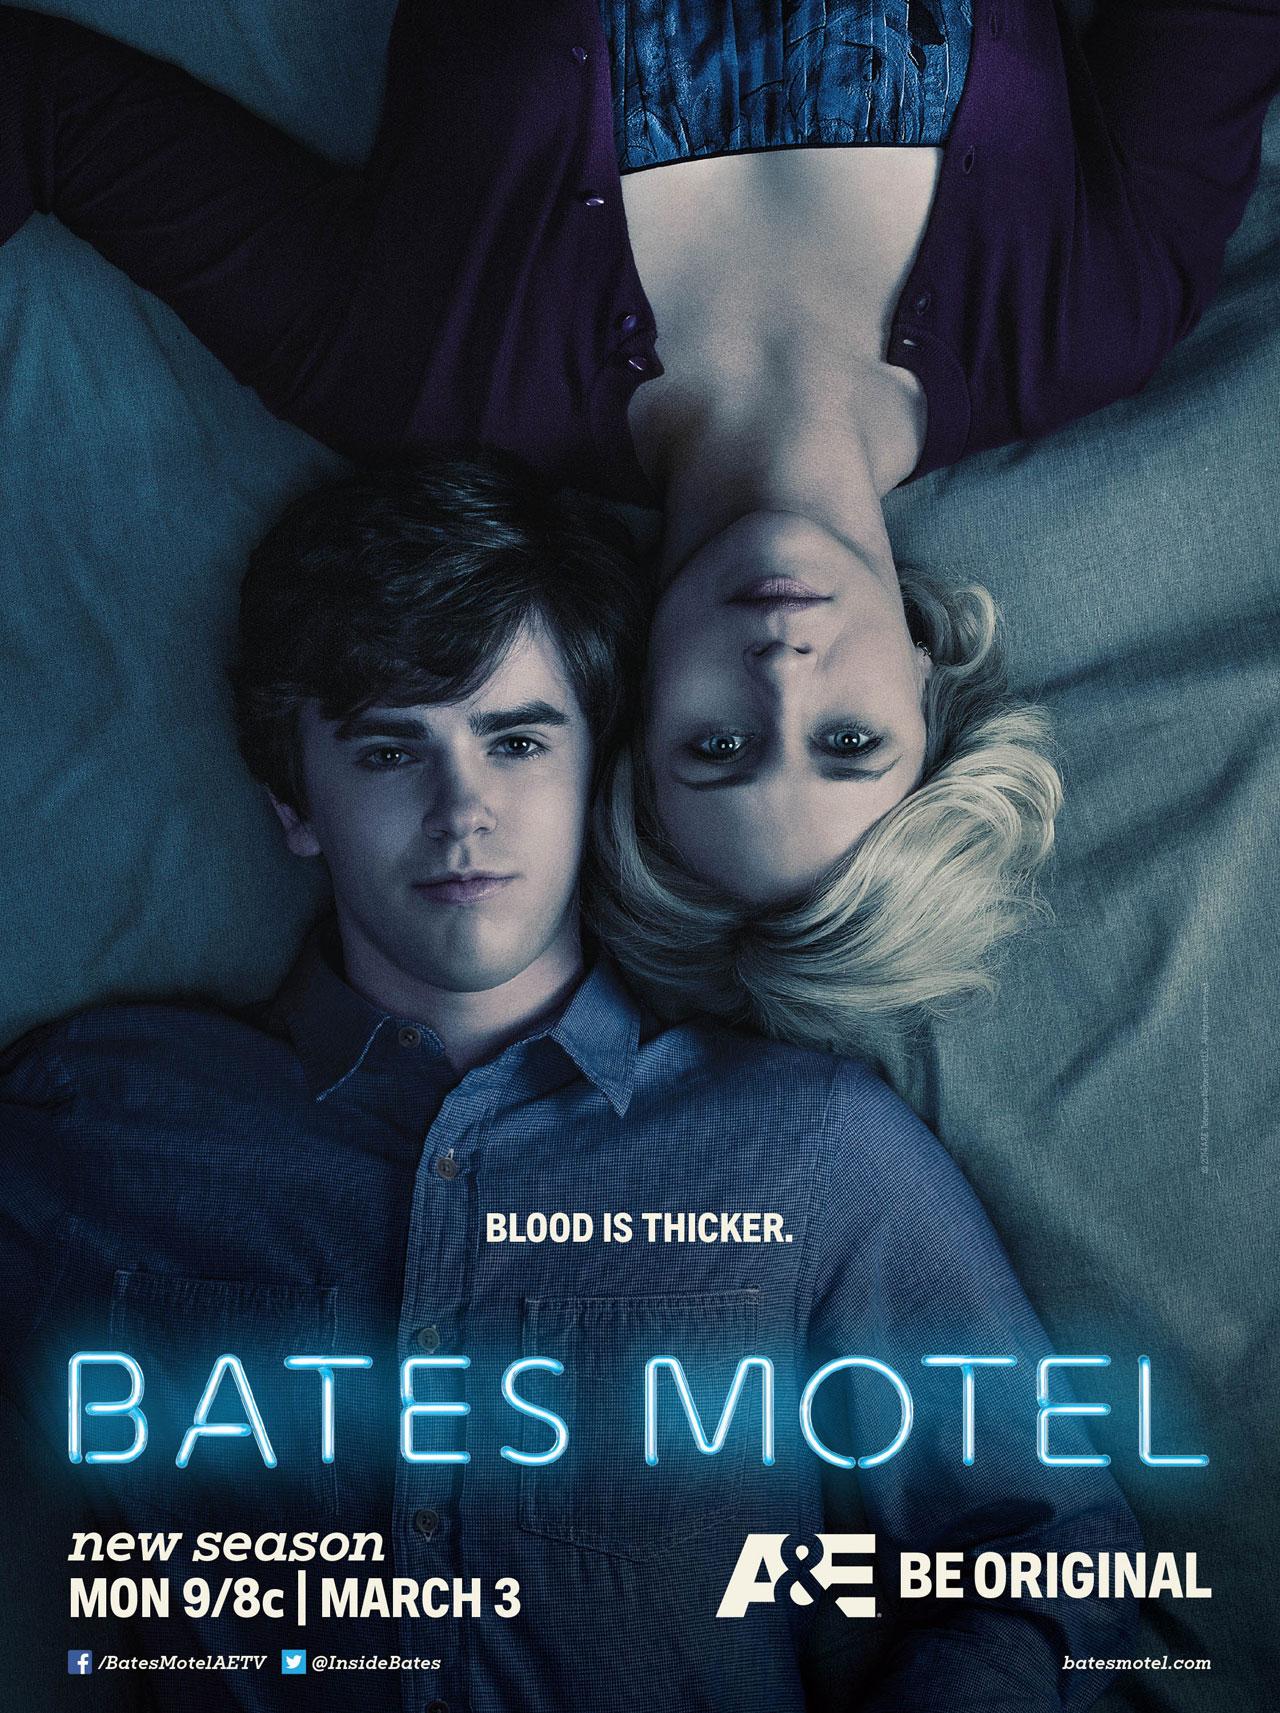 Bates Motel season 2 promo.jpg